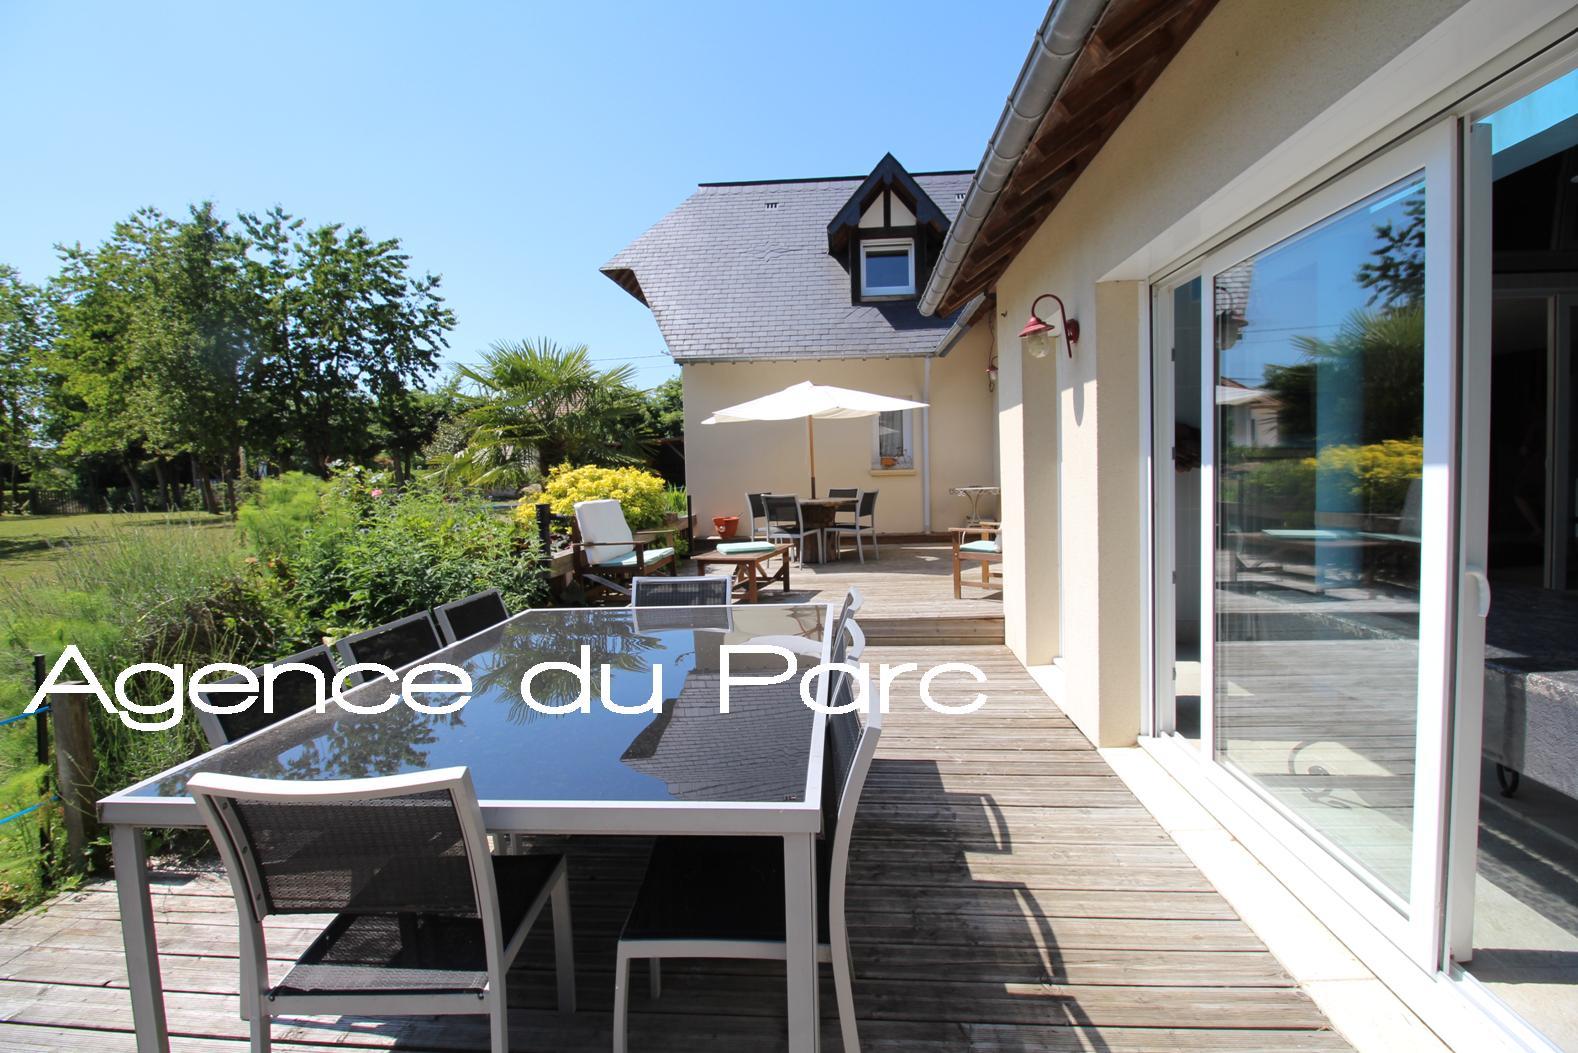 Acheter vente d 39 une maison contemporaine aux beaux volumes for Acheter yourte contemporaine